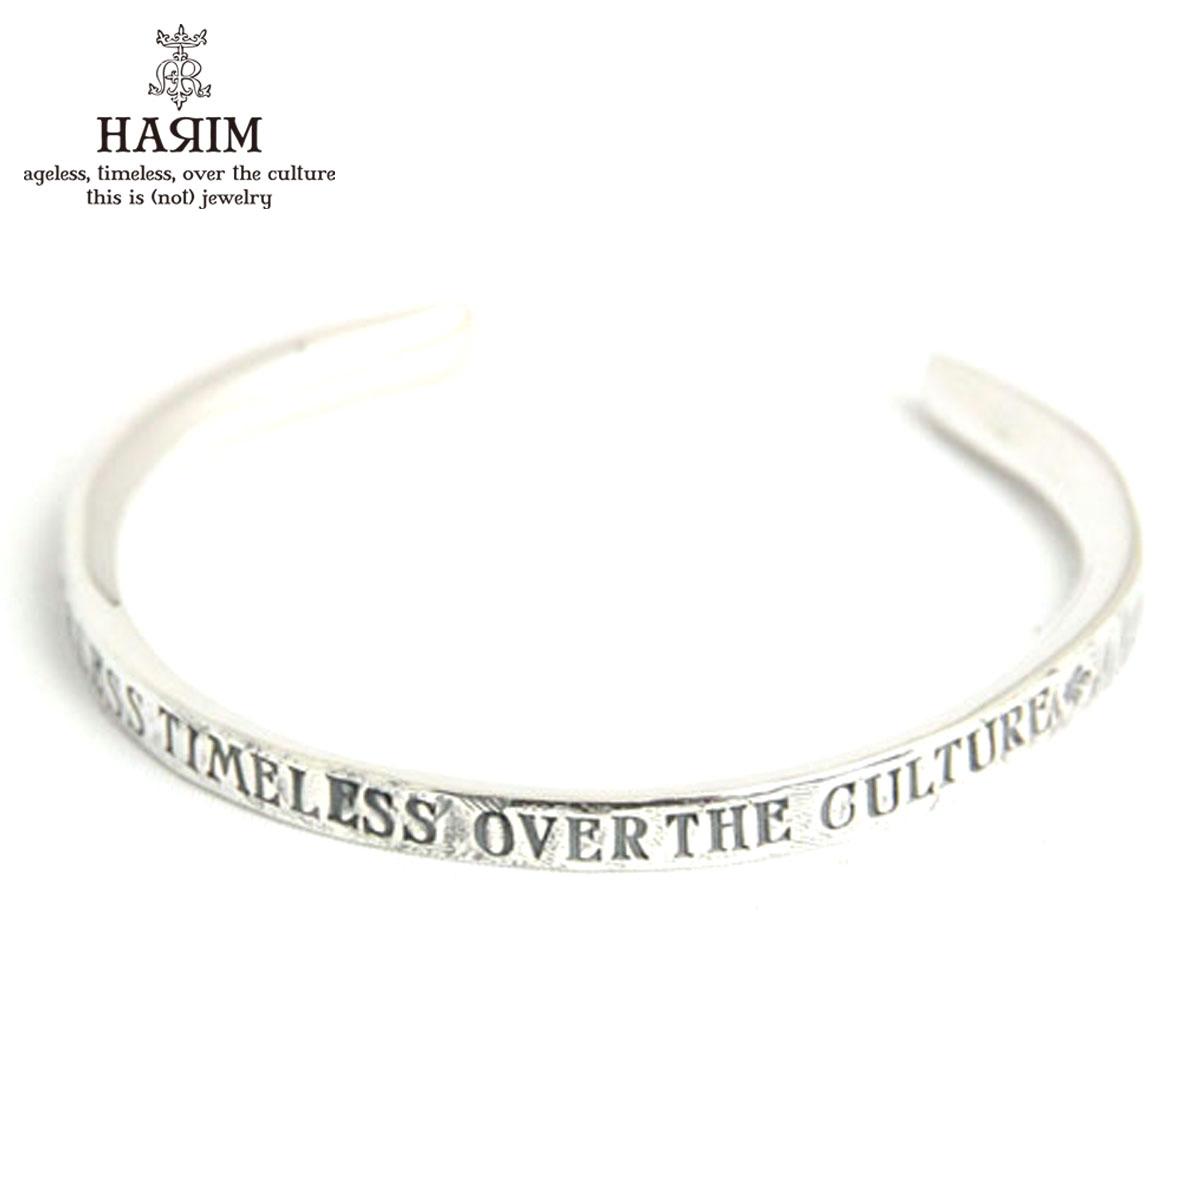 ハリム HARIM 正規販売店 バングル HARIM concept bangle Silver BANGLE HRA022SV